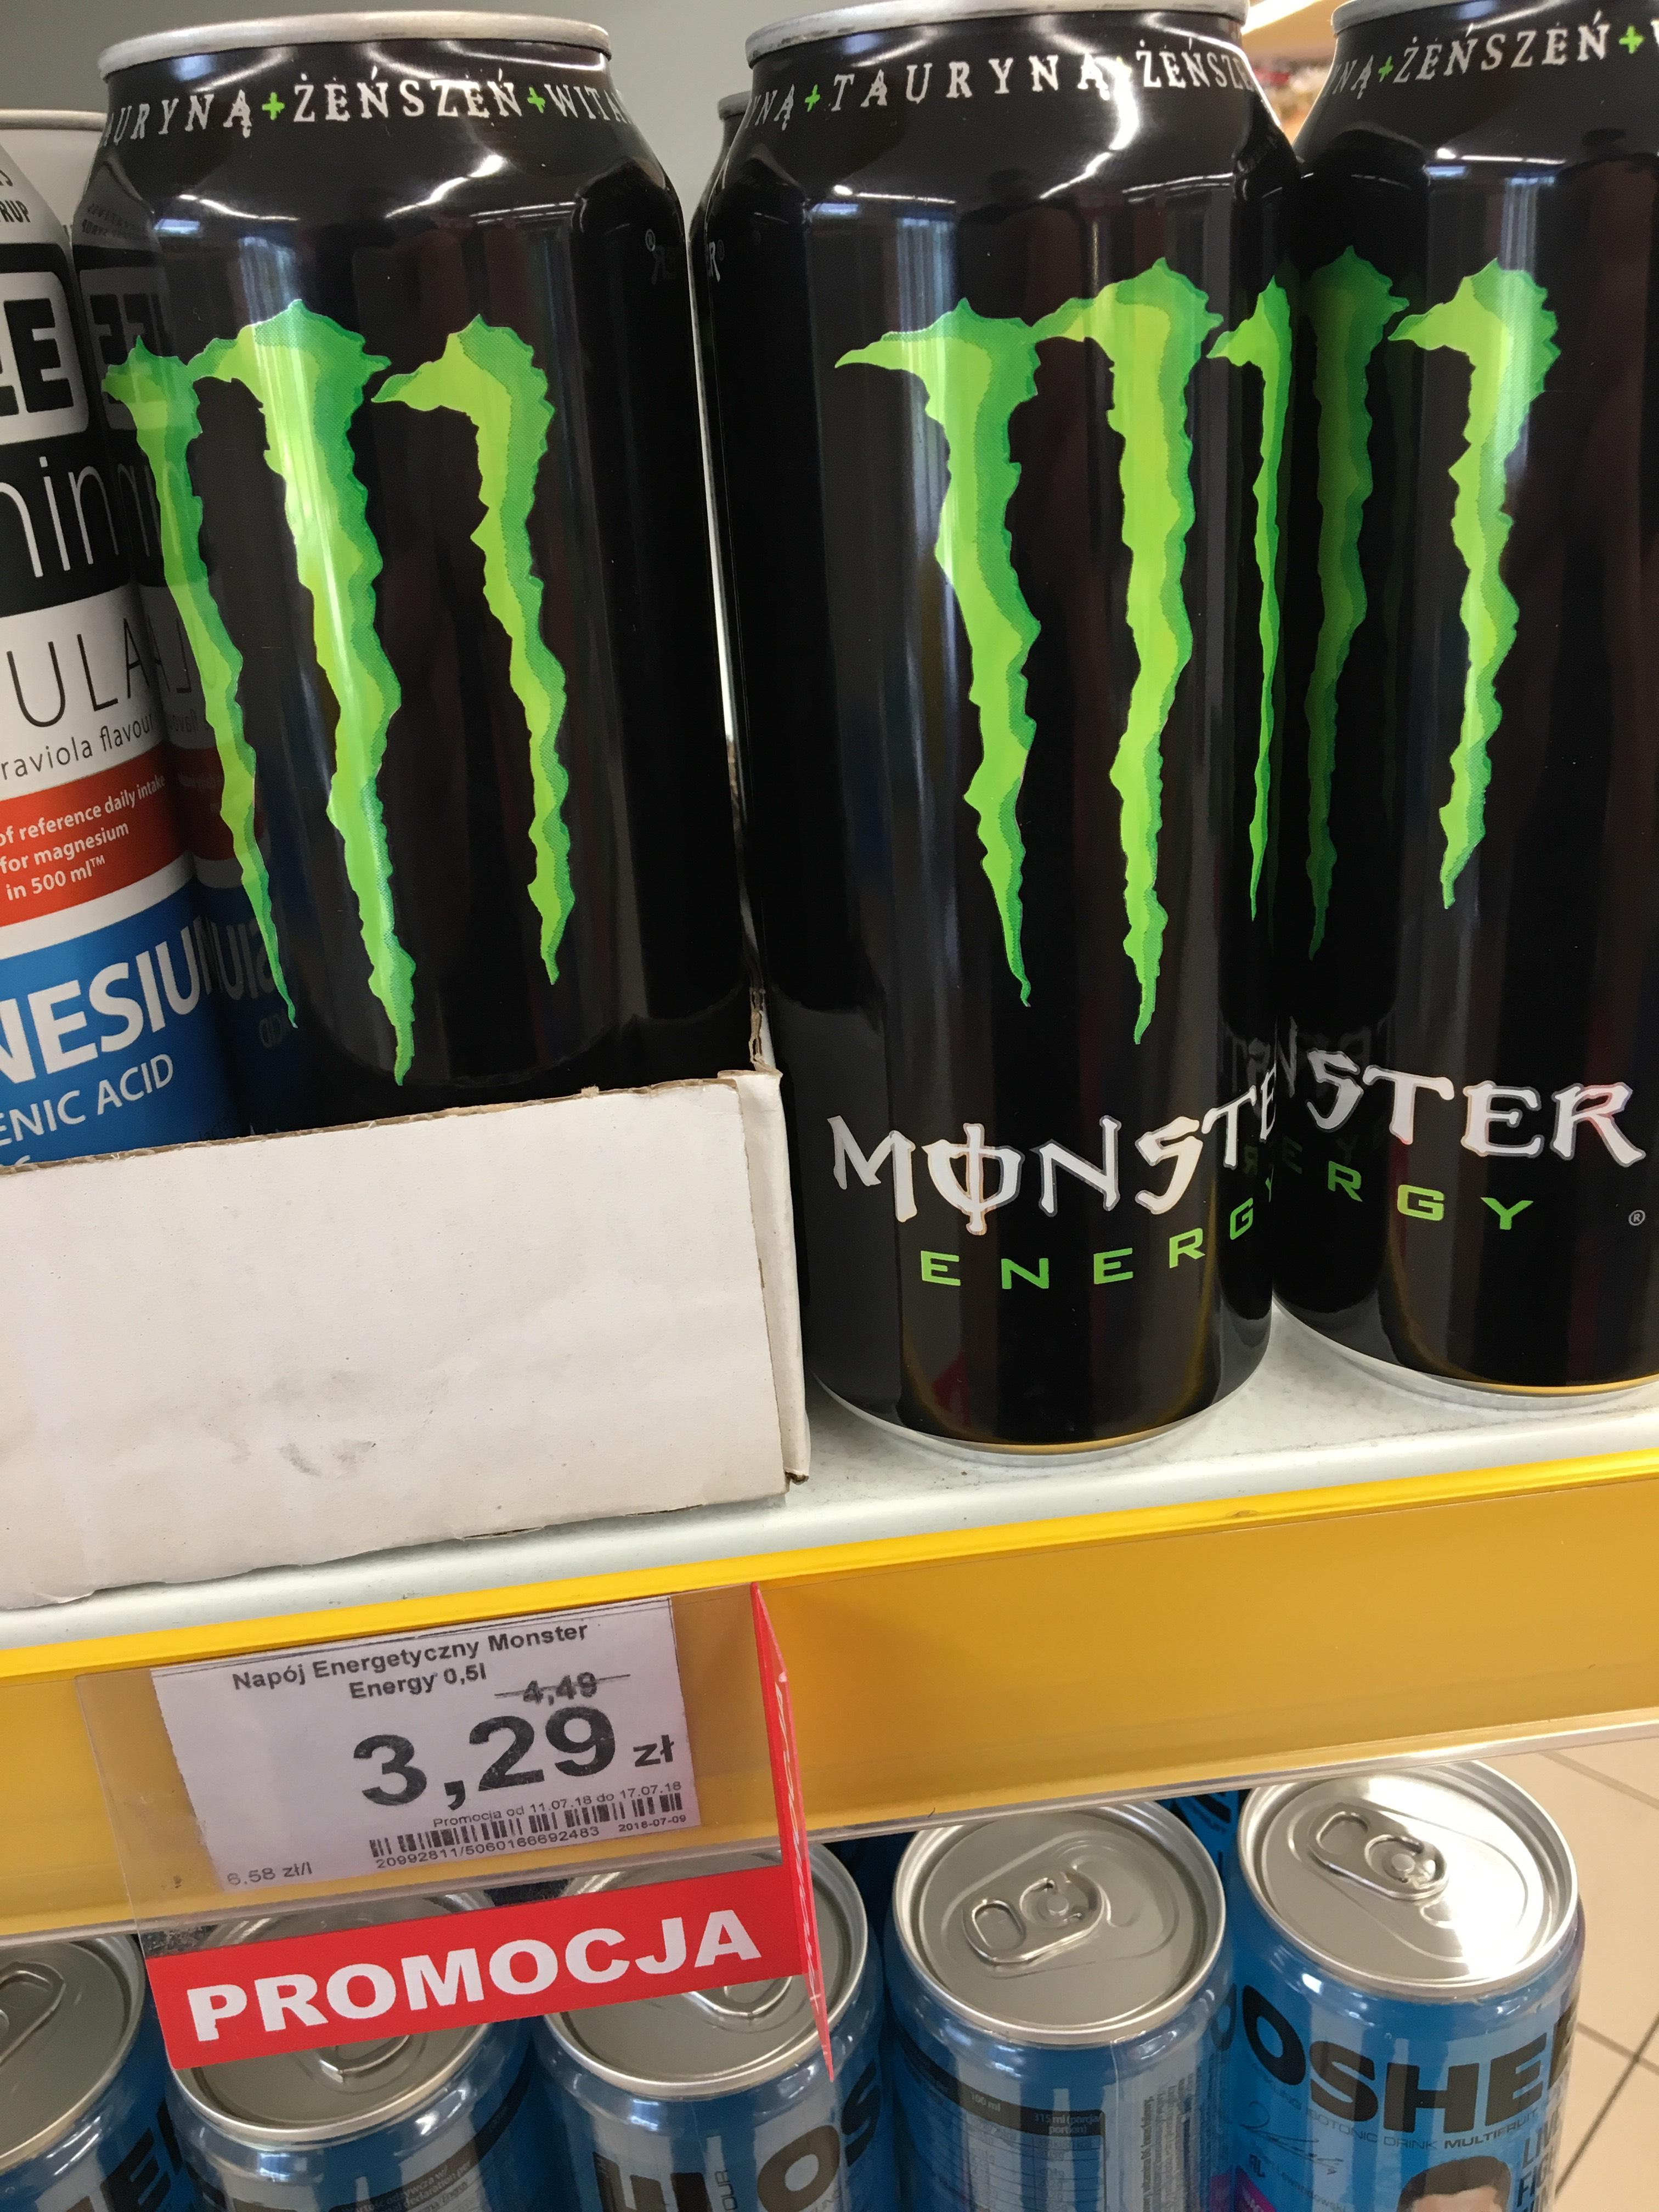 Monster Energy 0.5 L 3.29 zł DINO